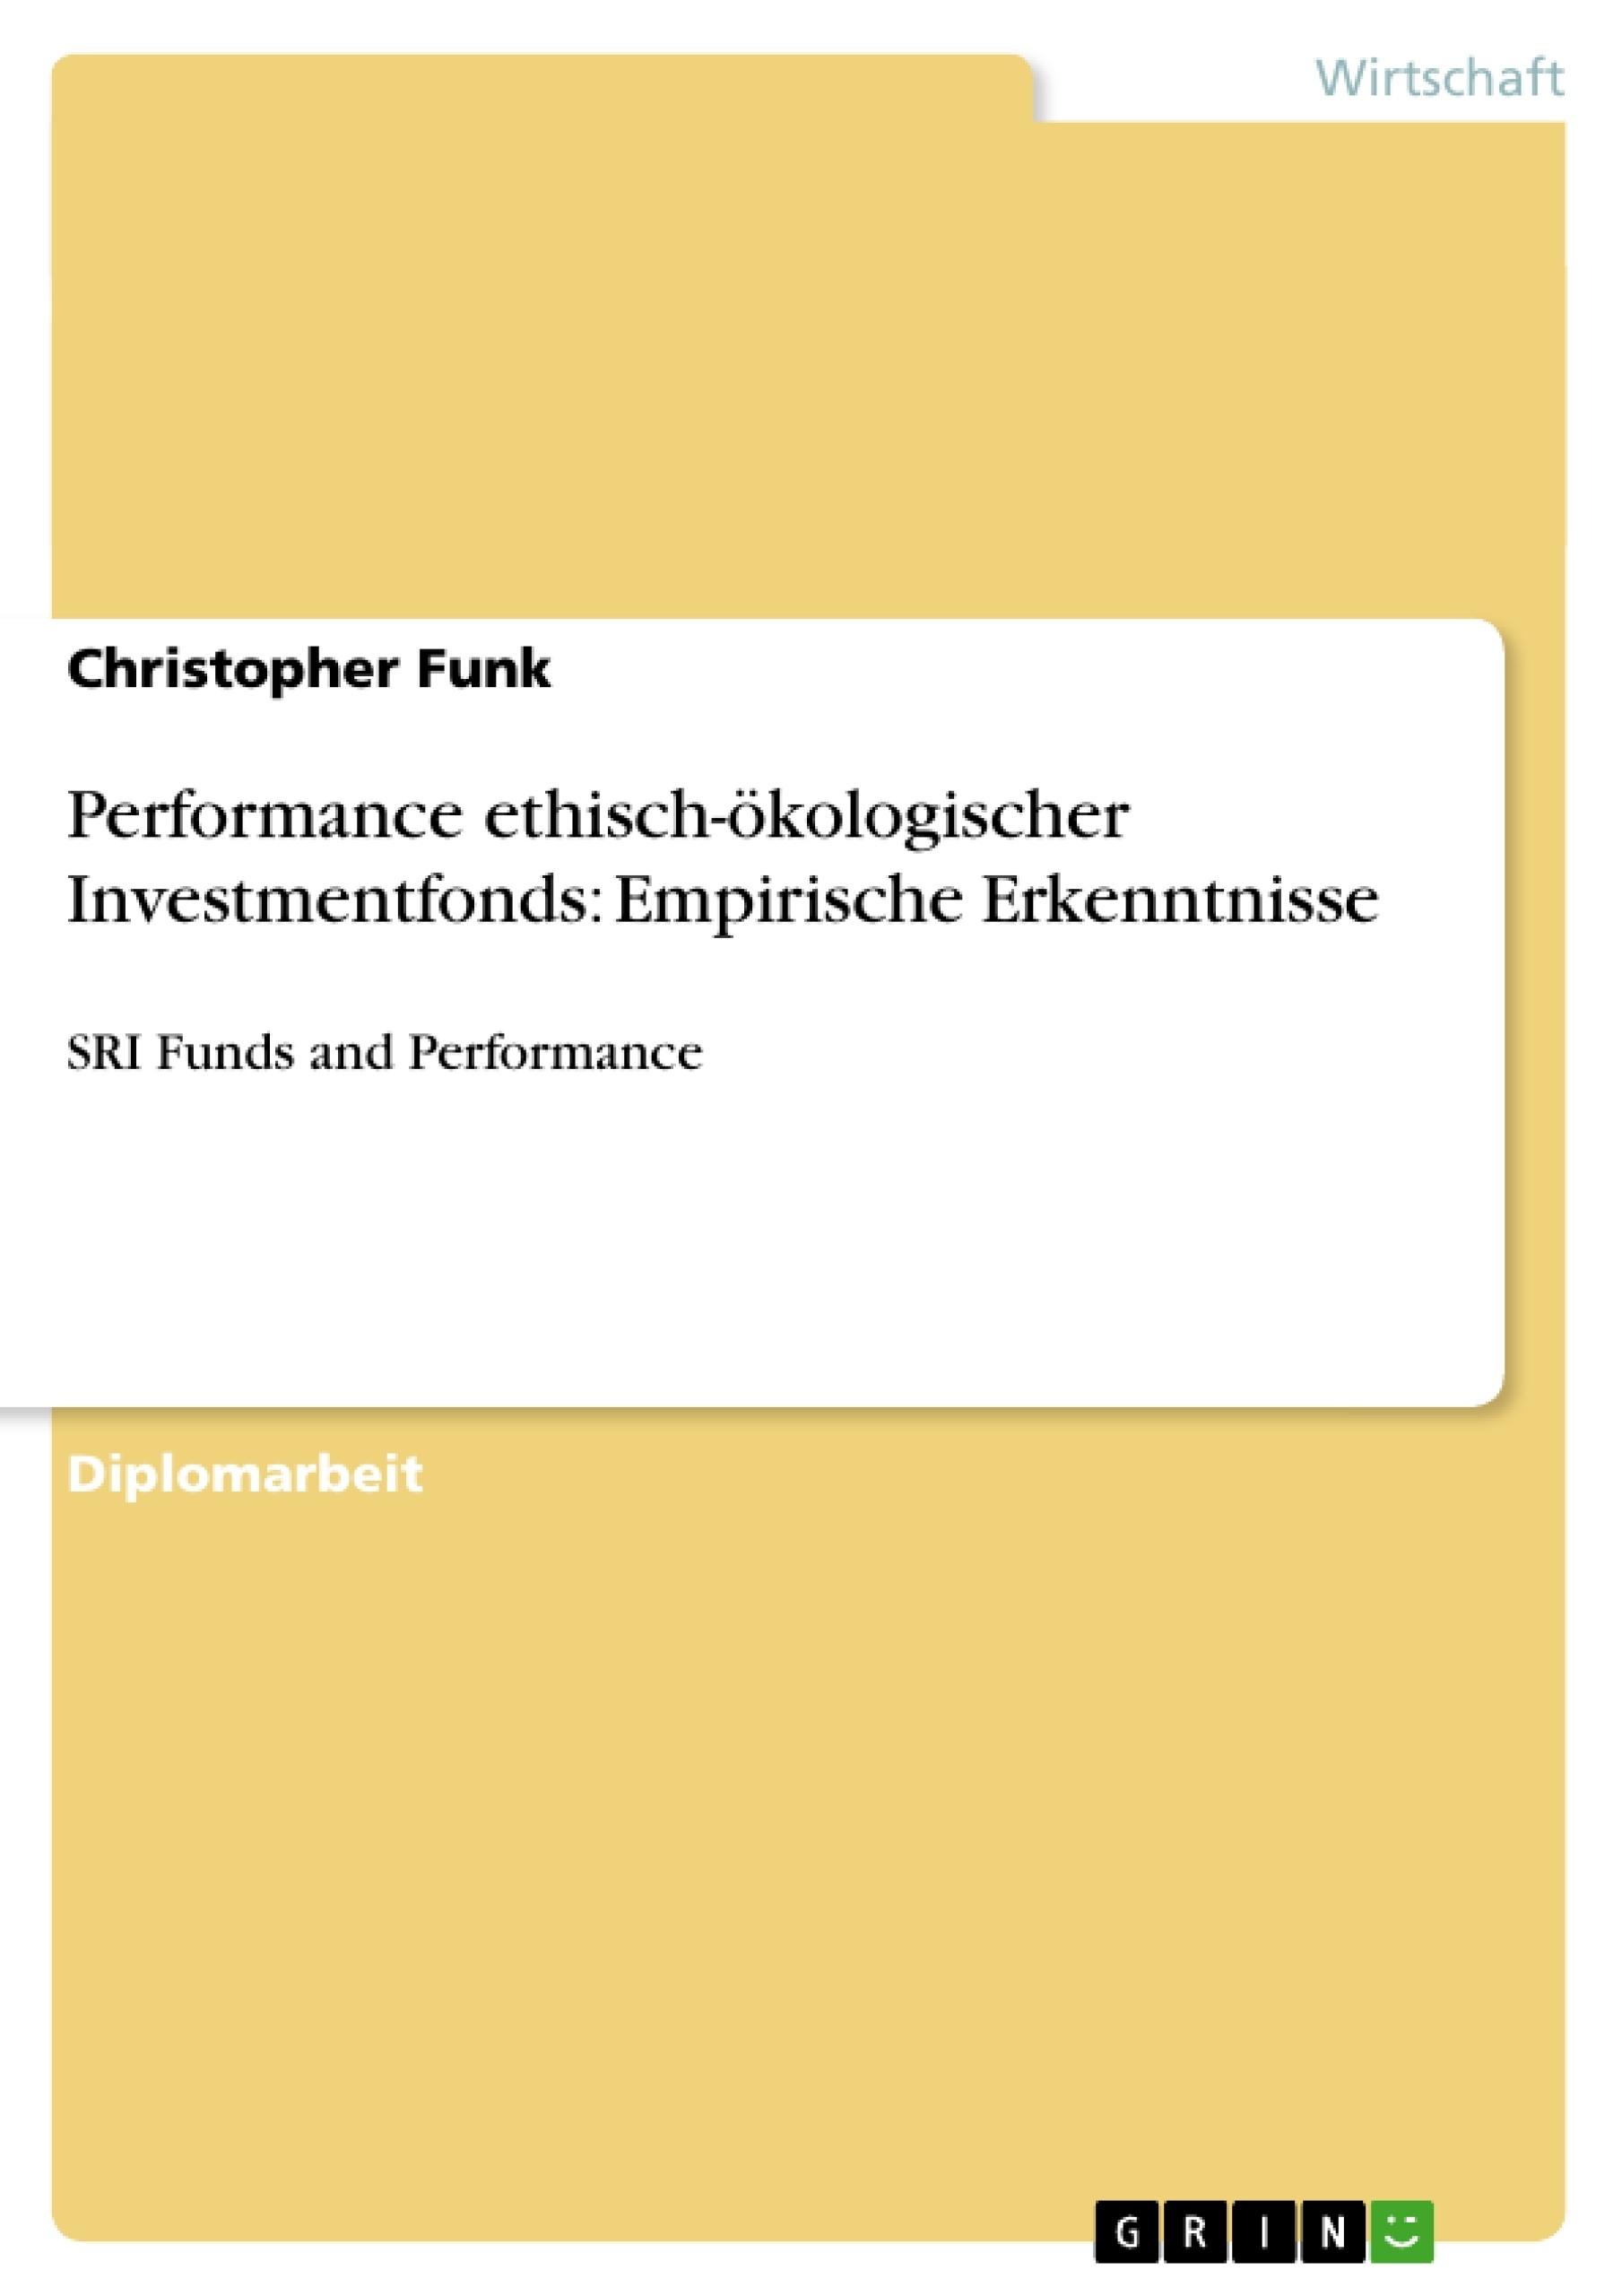 Titel: Performance ethisch-ökologischer Investmentfonds: Empirische Erkenntnisse